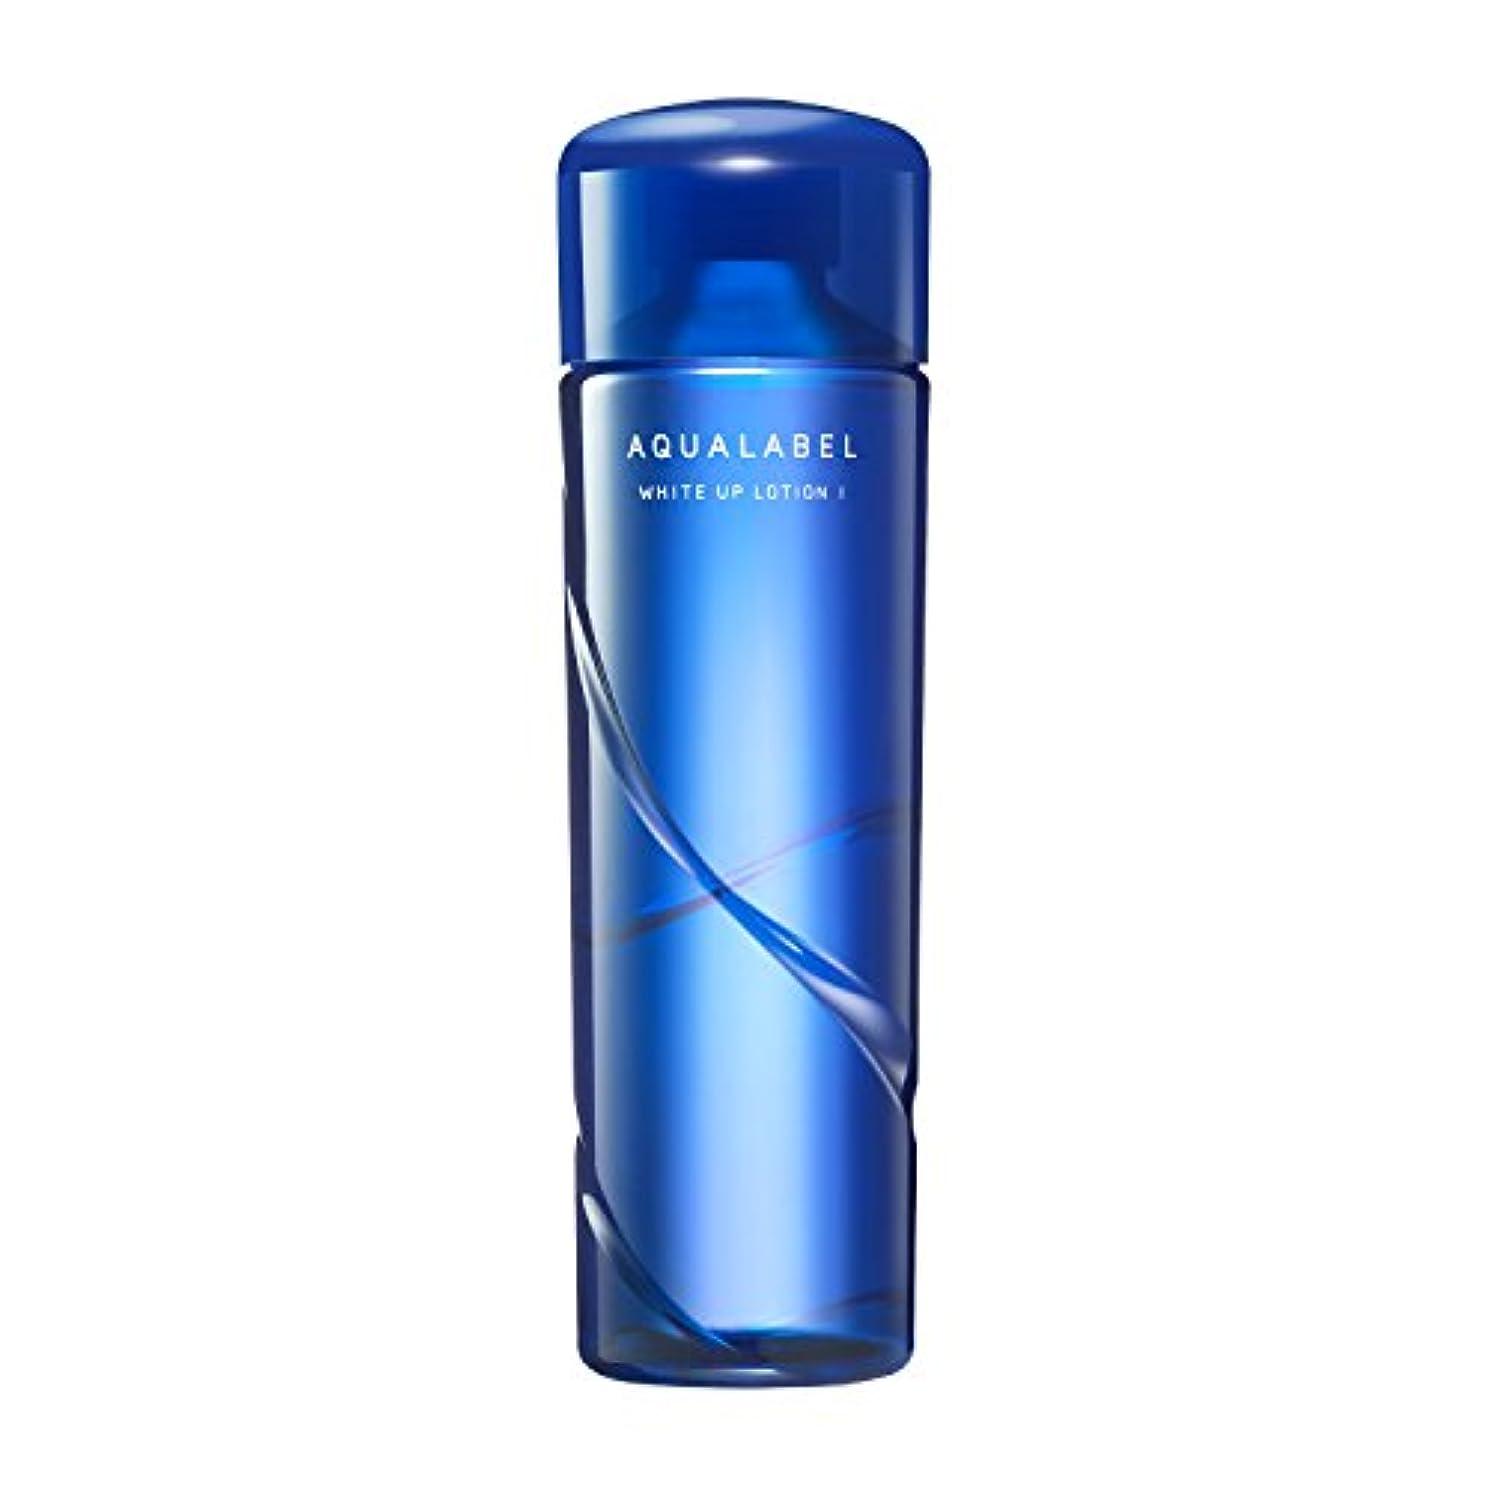 化合物驚かすヘクタールアクアレーベル ホワイトアップ ローション 保湿?美白化粧水 (1) さっぱり 200mL 【医薬部外品】